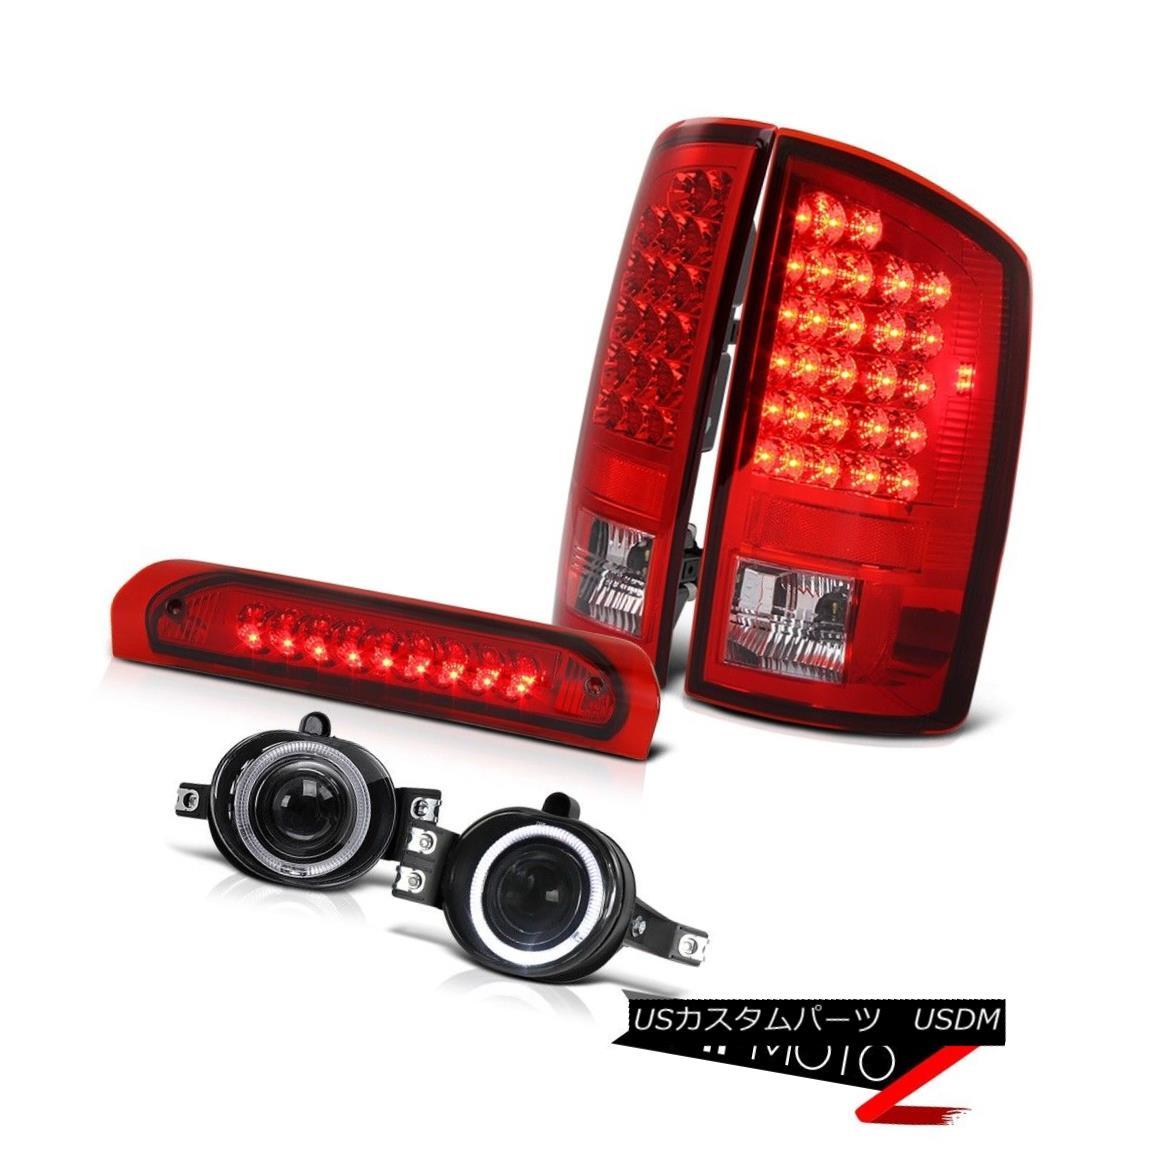 テールライト RED/CLEAR LED Tail Light+3rd Brake+Smoke Halo Projector Fog Lamp Dodge RAM 02-06 赤/クリアLEDテールライト+第3ブレーキ+スモークハロープロジェクターフォグランプダッジRAM 02-06